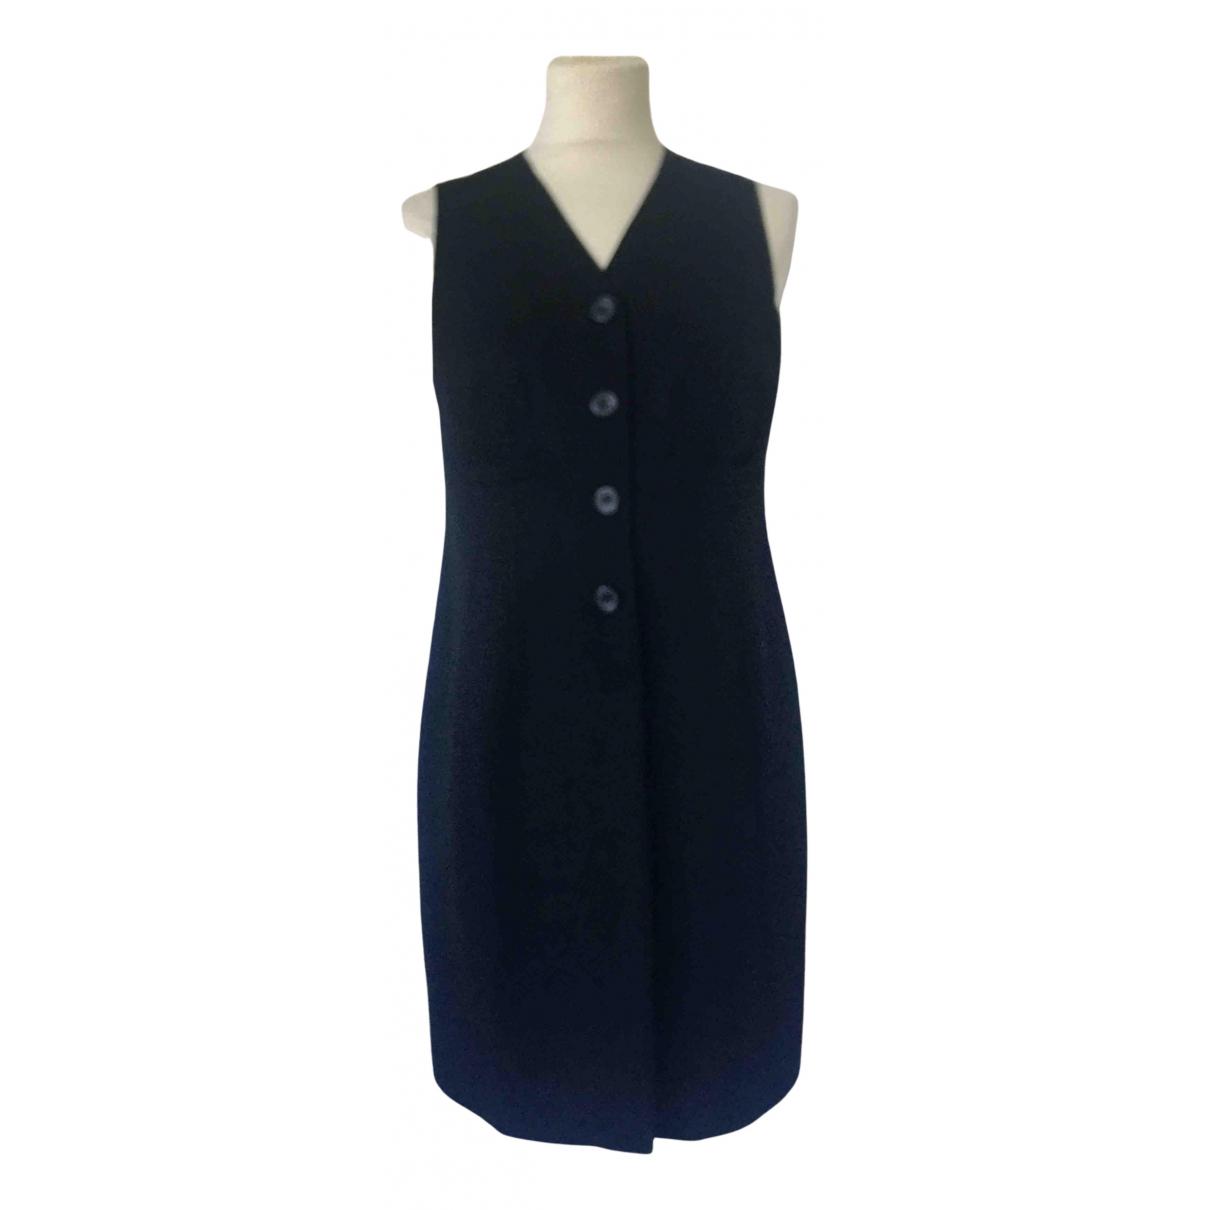 Dries Van Noten N Black Wool Knitwear for Women 38 FR